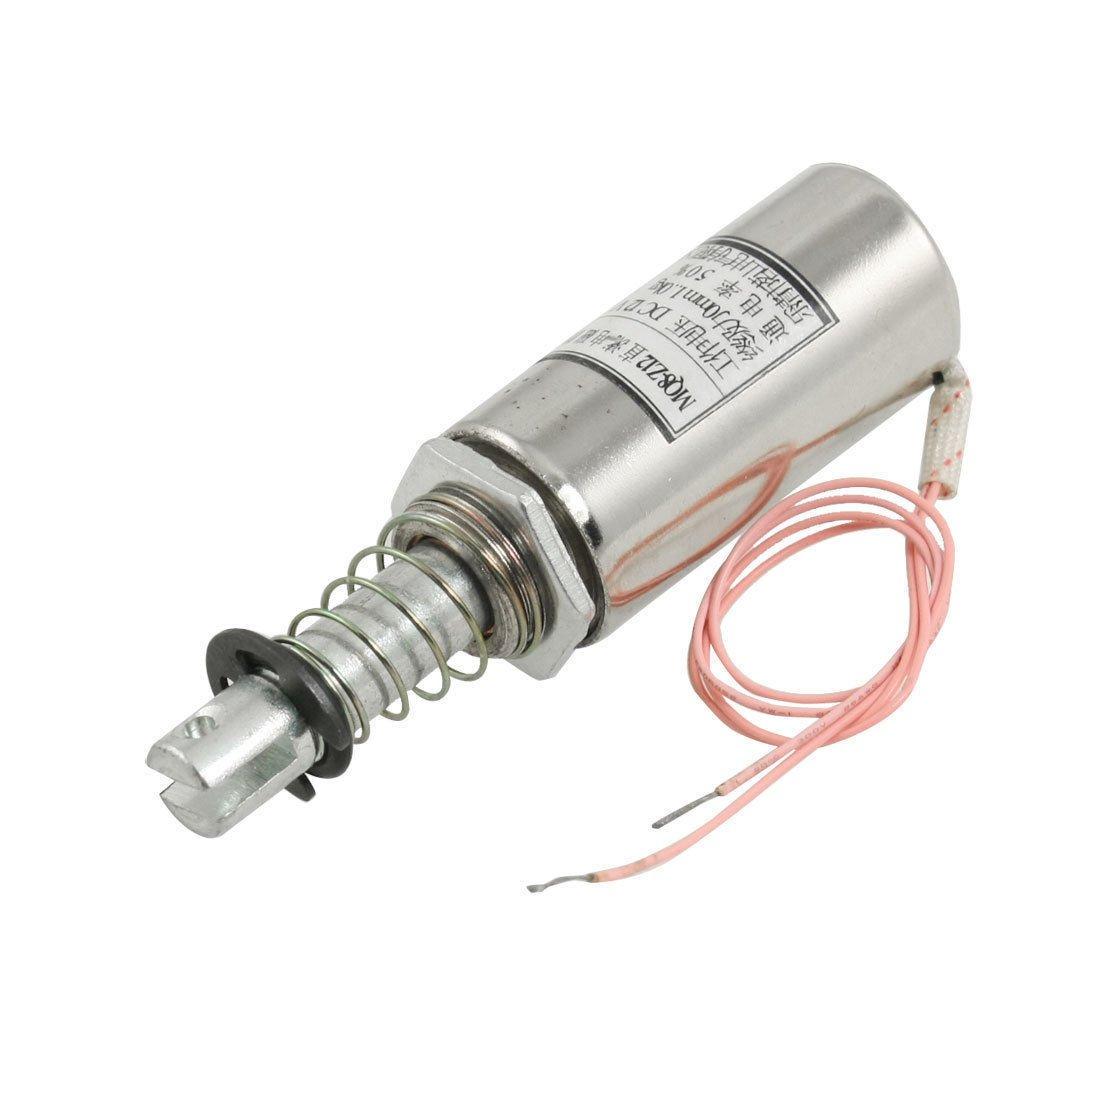 MQ8-Z12 Pull Type DC 12V Linear Tubular Solenoid Electromagnet